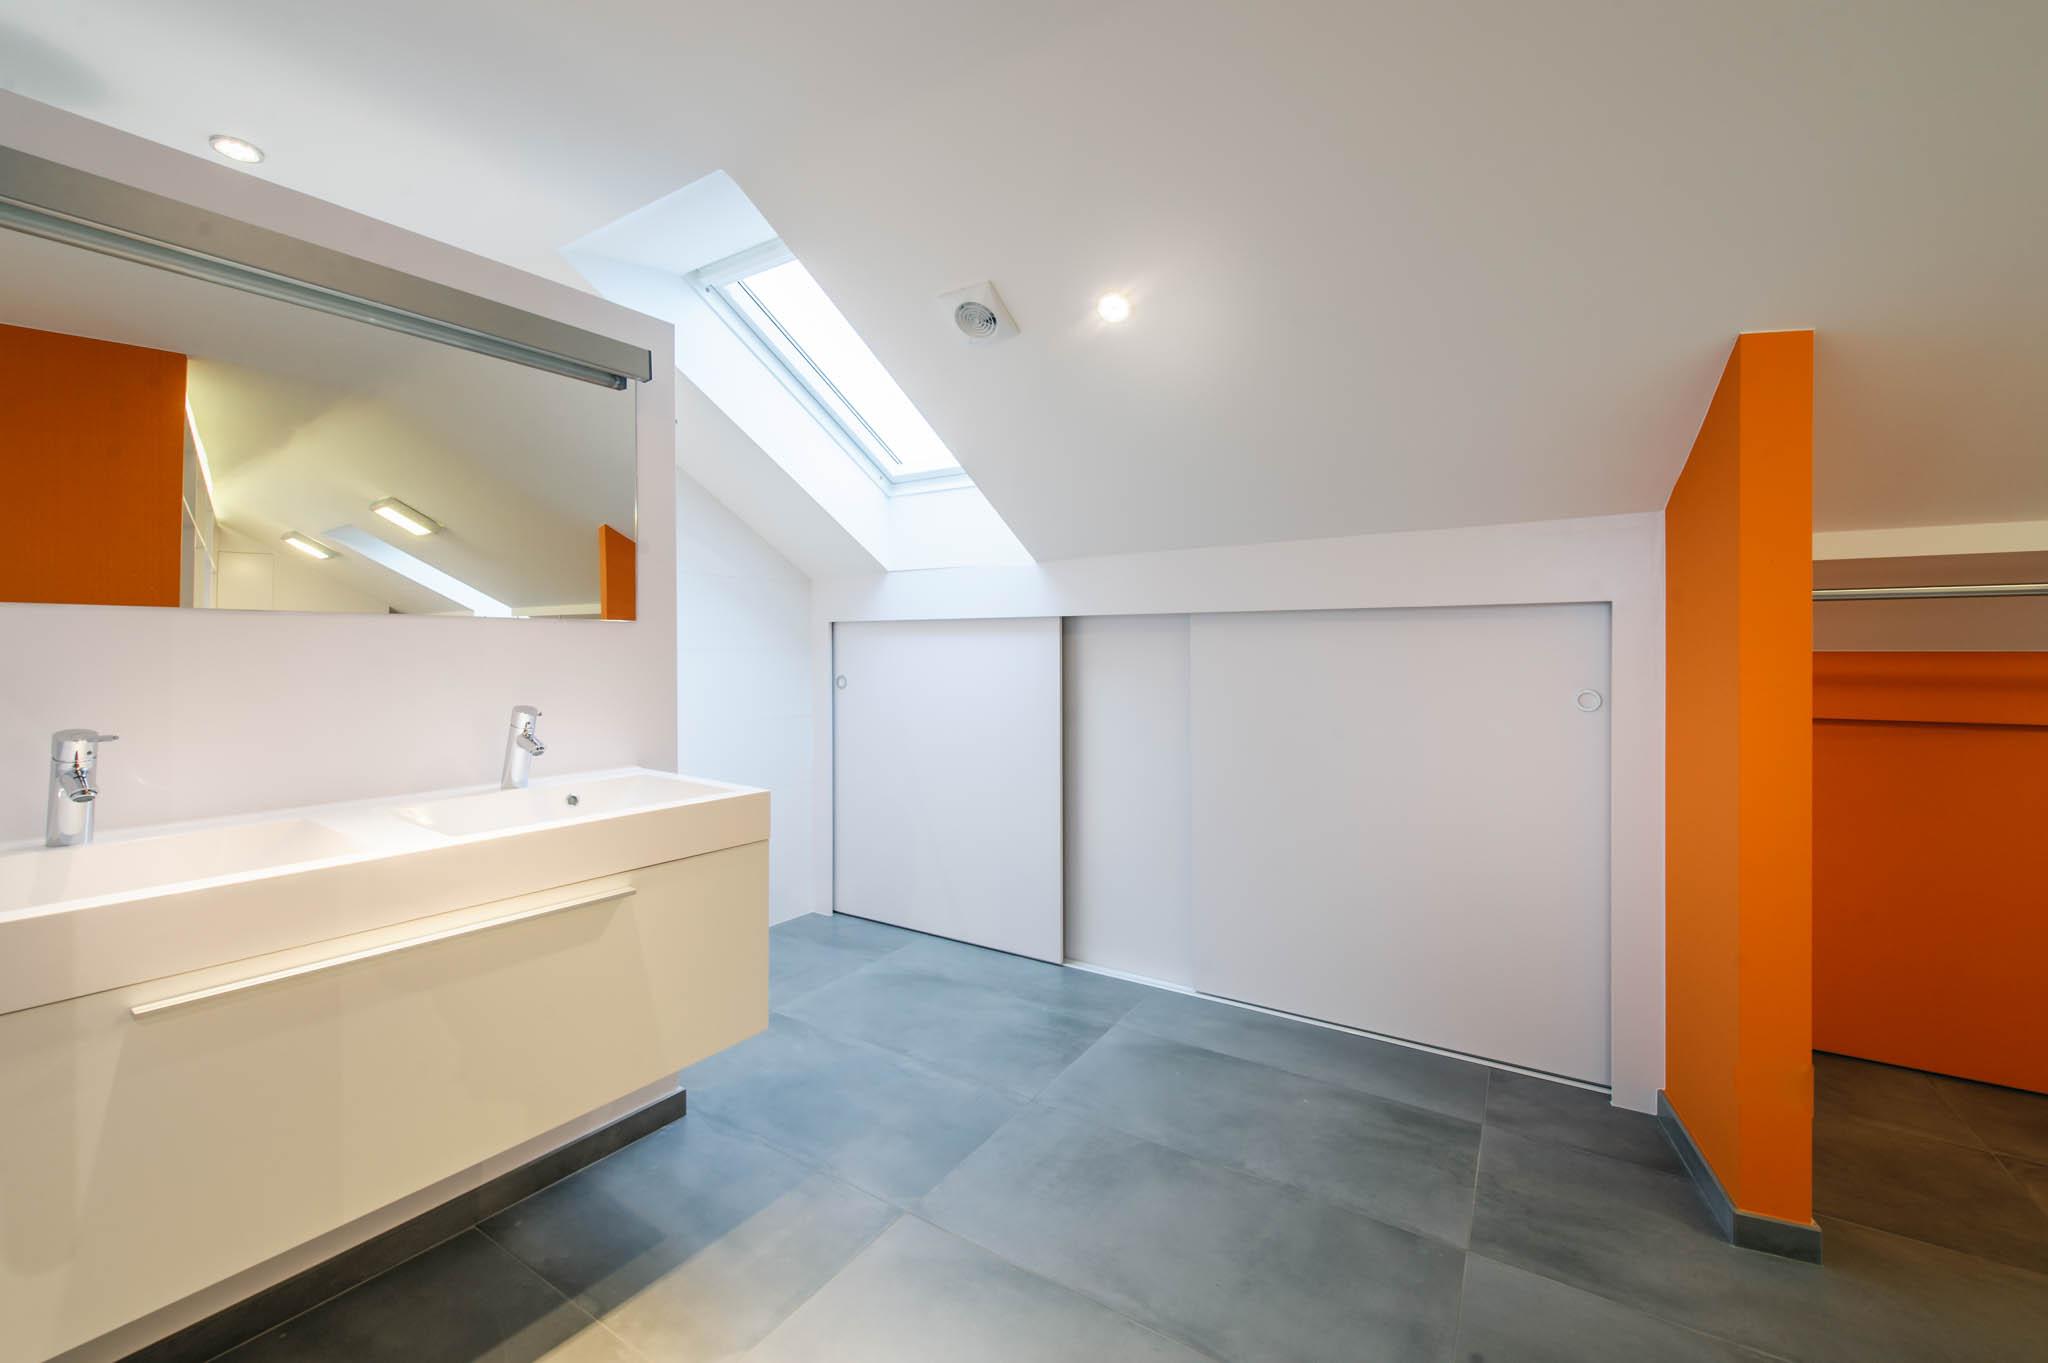 Salle-de-bain - mobilier sur mesure